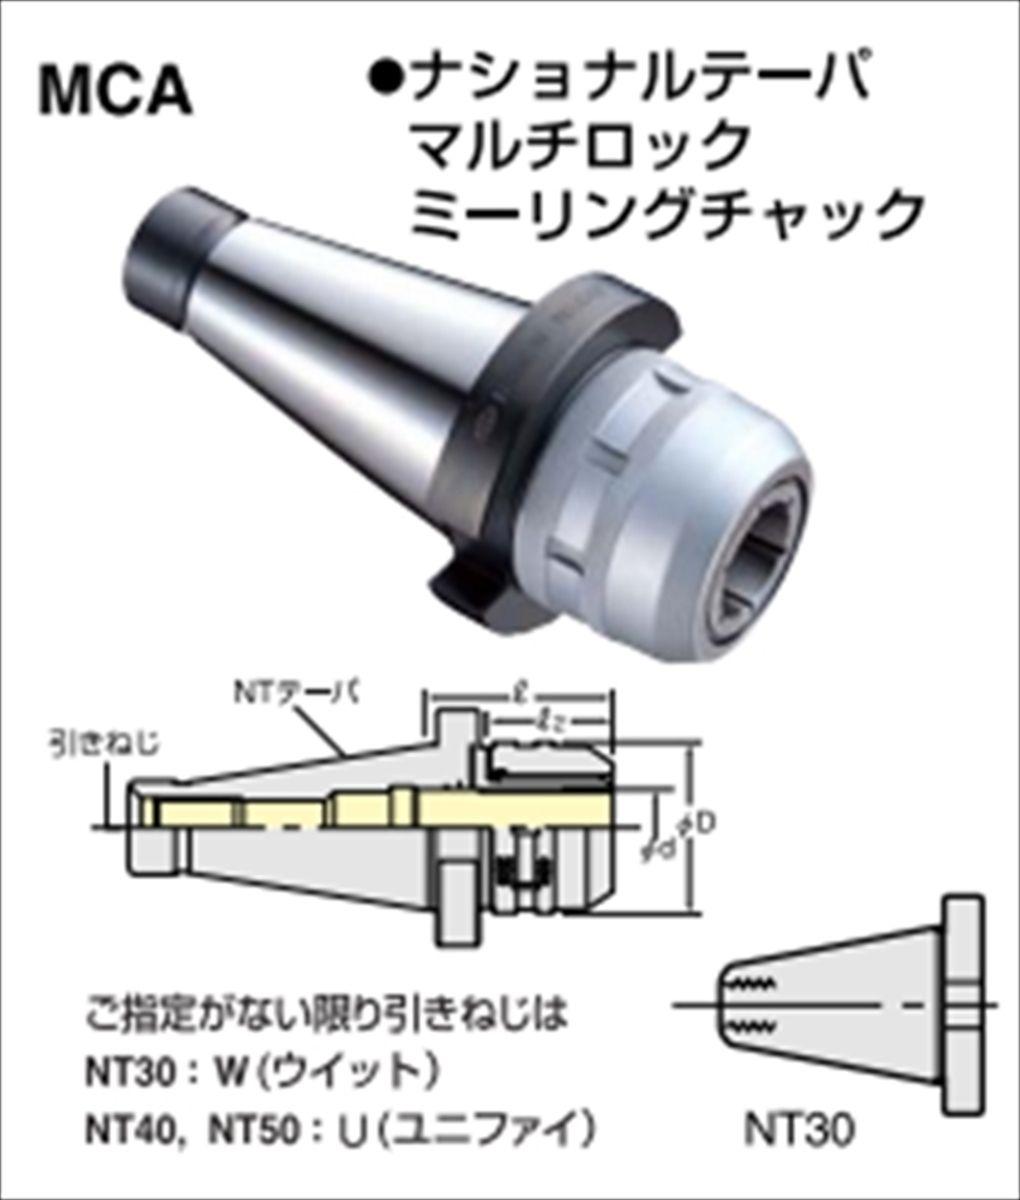 日研工作所 日研工作所 NIKKEN MCA マルチロックミーリングチャック (MCA50F-32)